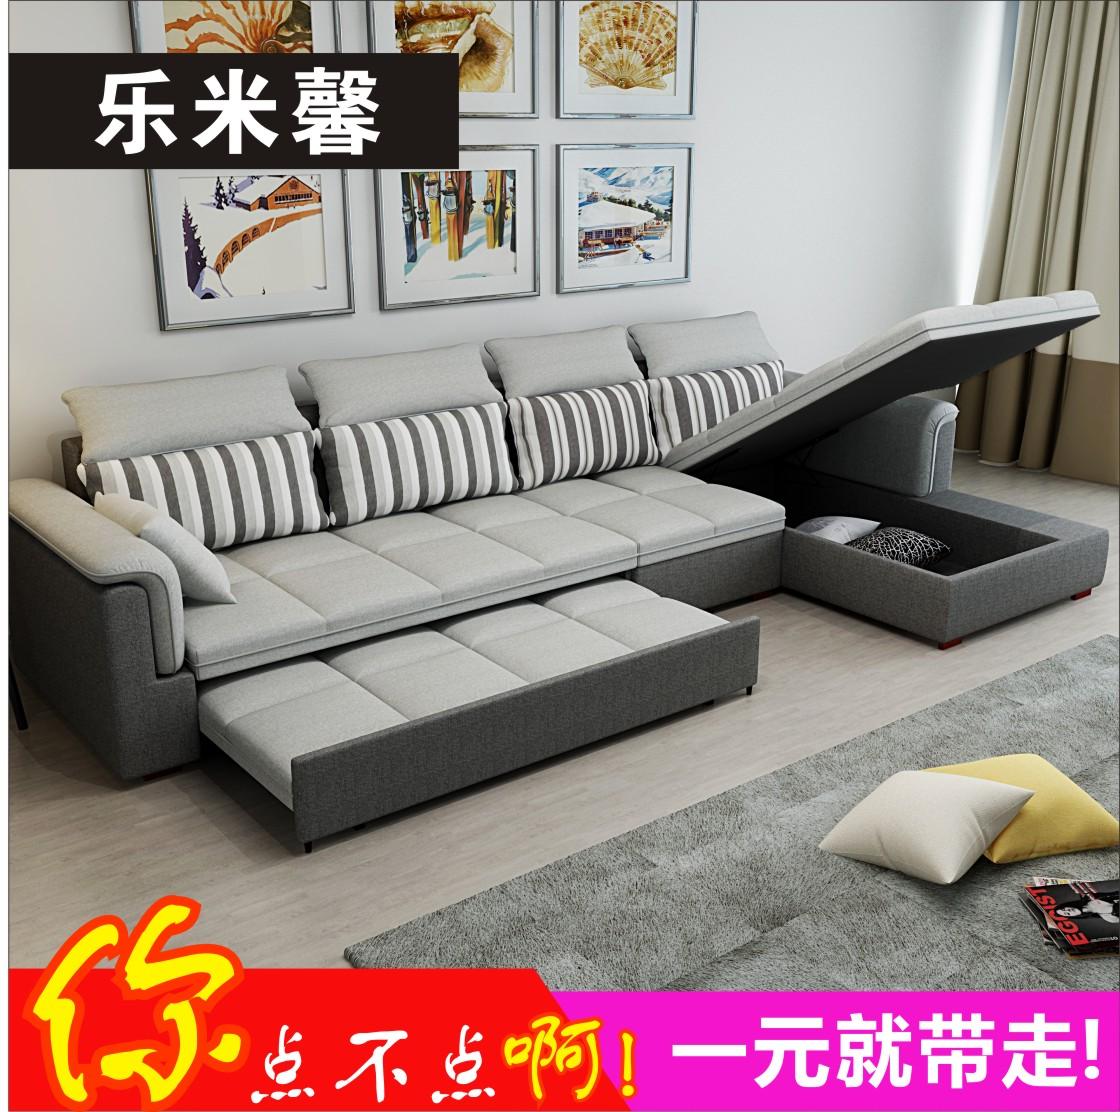 包邮小户型多功能布艺沙发床储物可折叠双 三人1.8米简约现代客厅